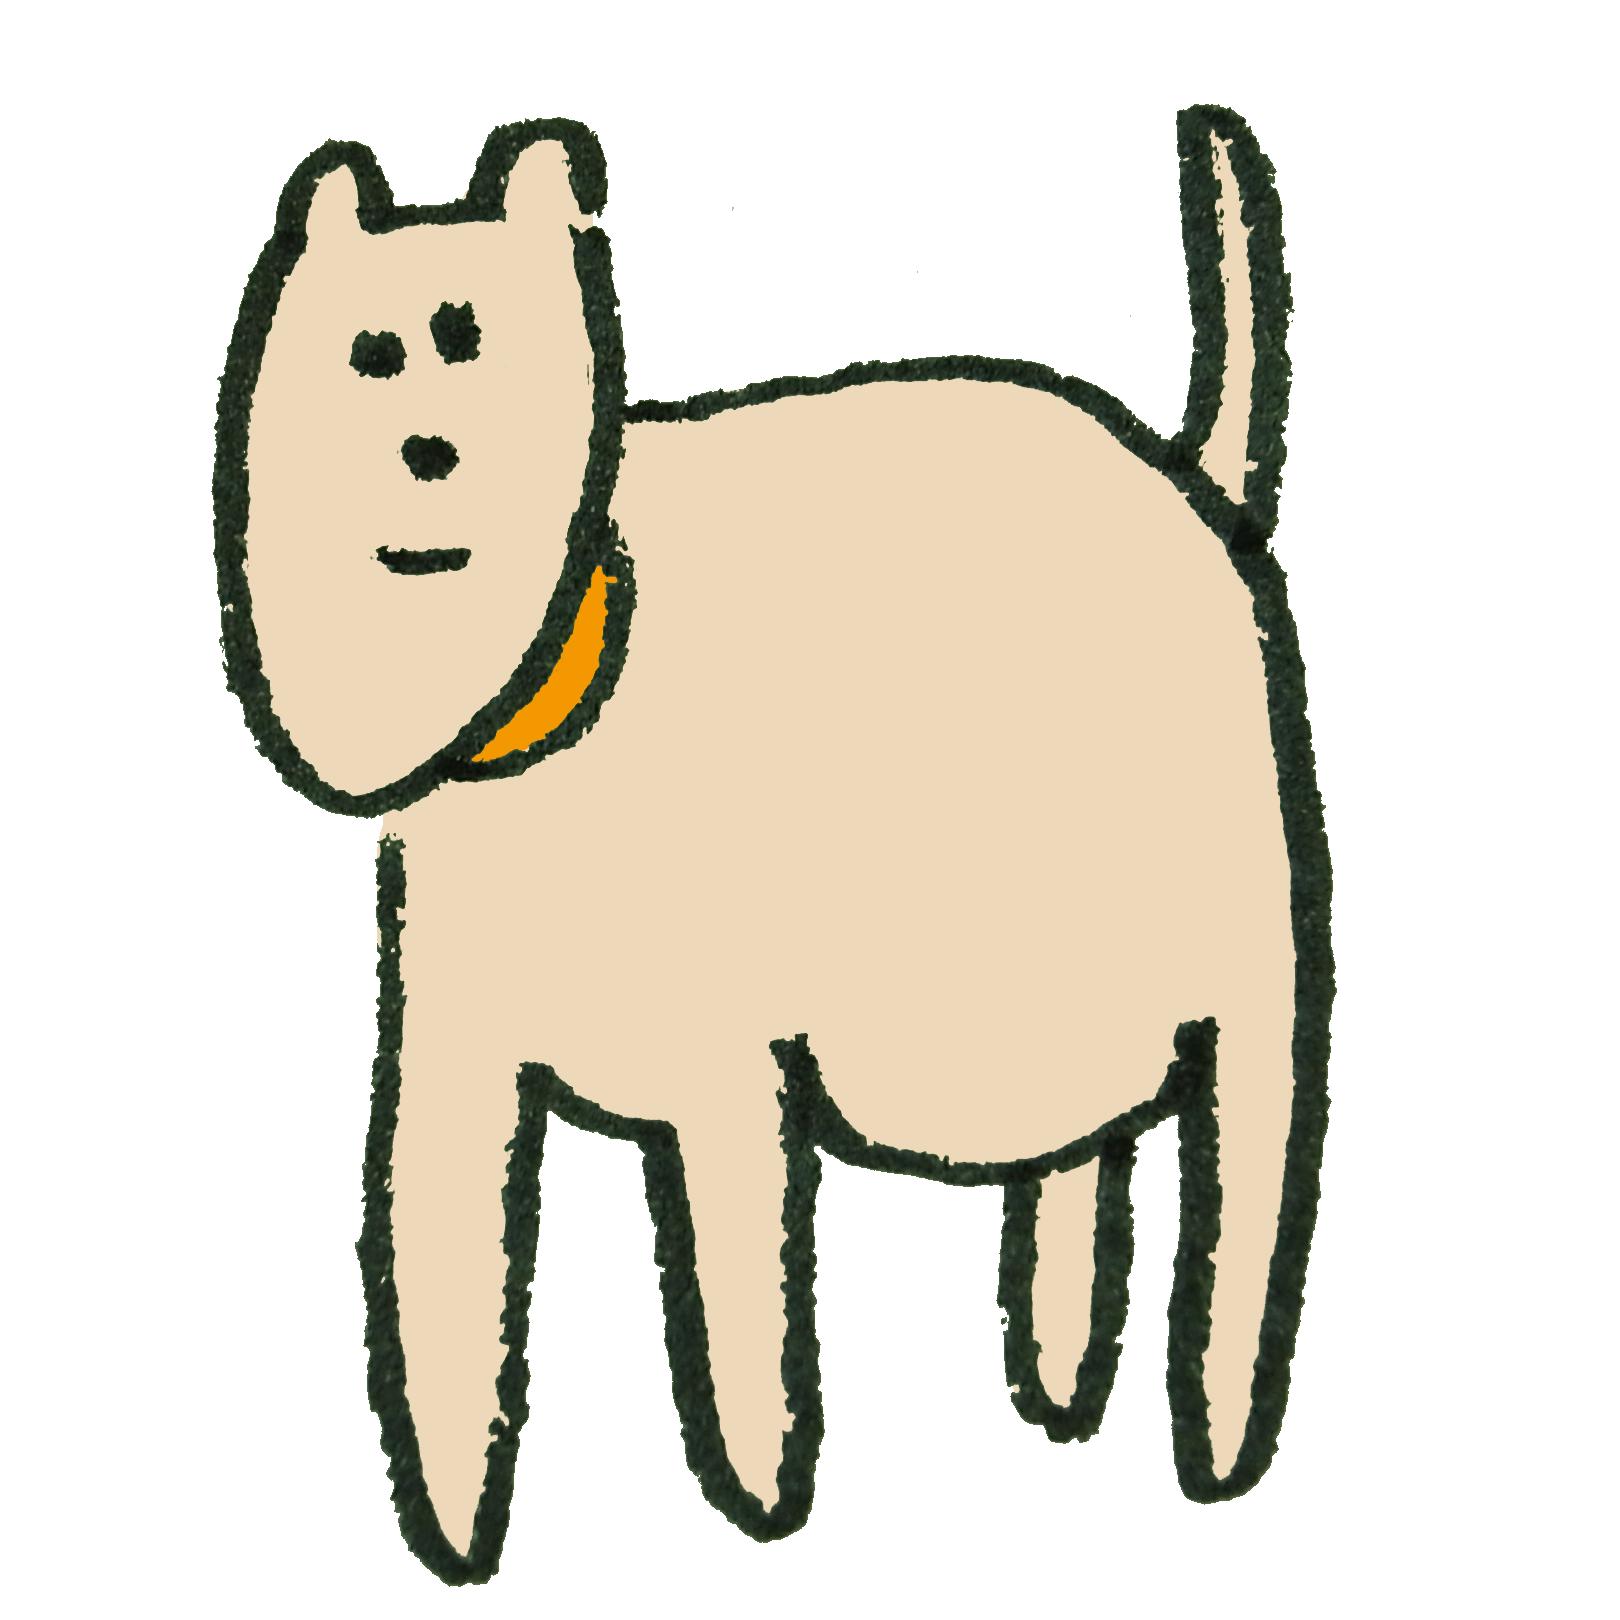 ピンク色の犬のイラスト | ゆるくてかわいい無料イラスト素材屋